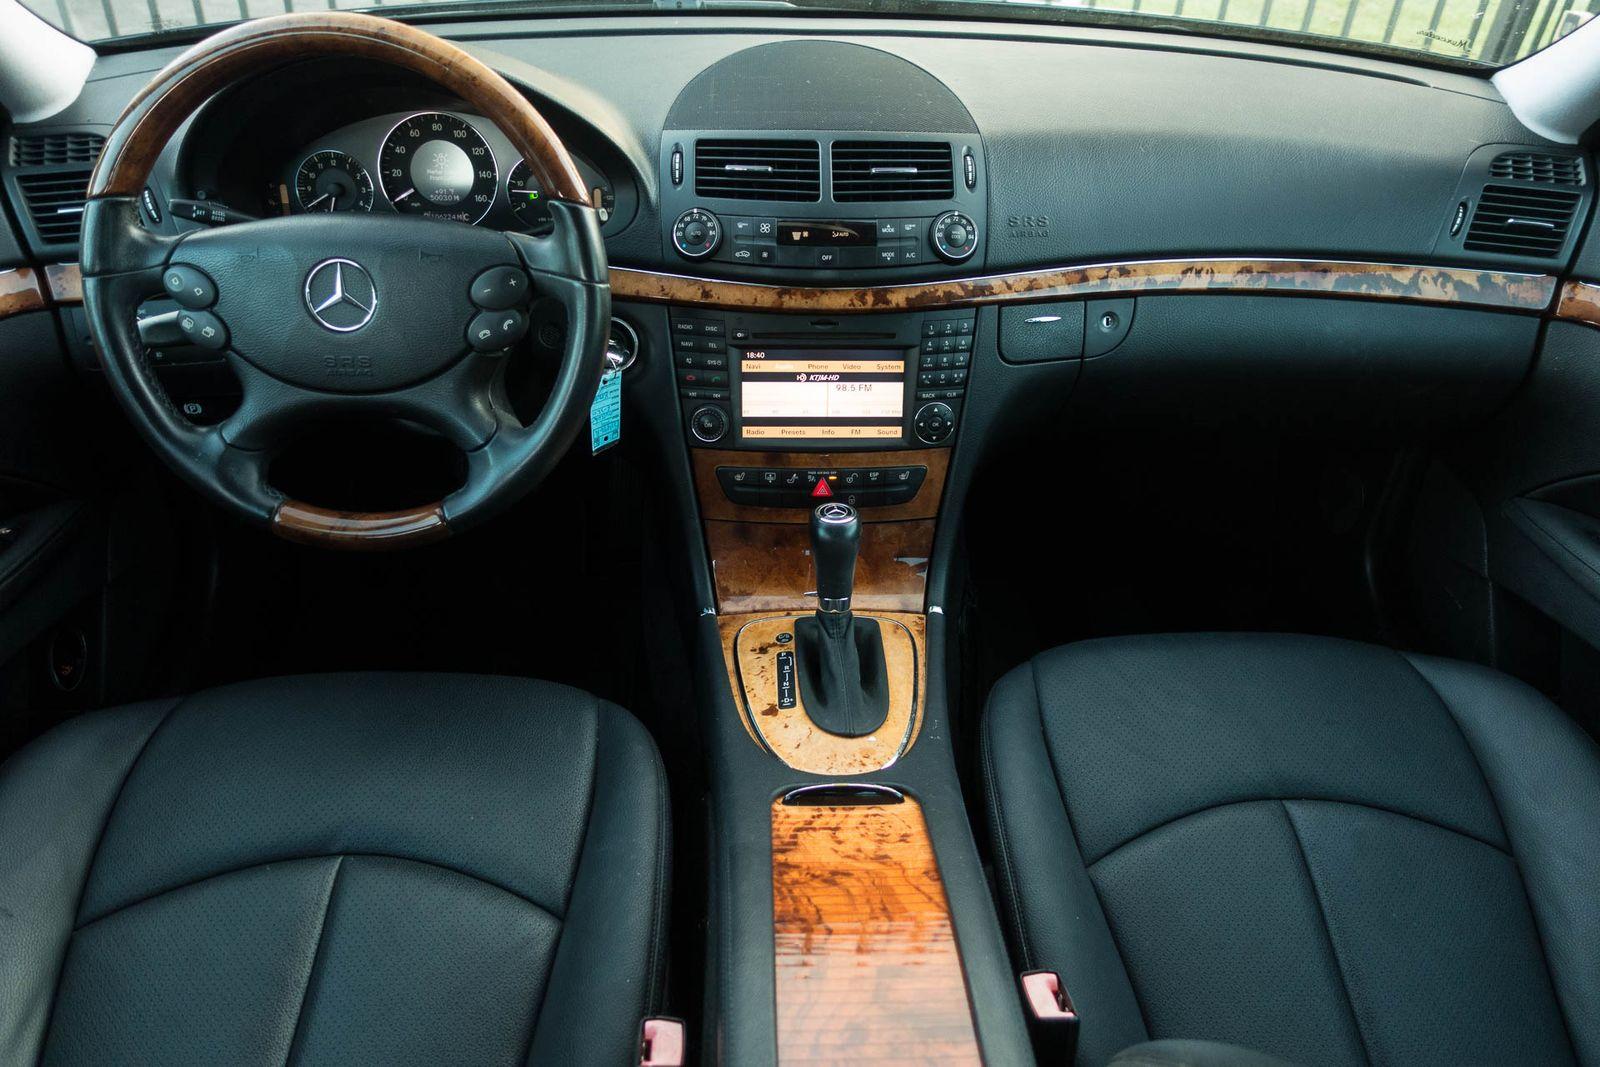 All Types 2003 benz e320 : 2009 Mercedes-Benz E320 30L BlueTEC Texas EURO 2 MOTORS